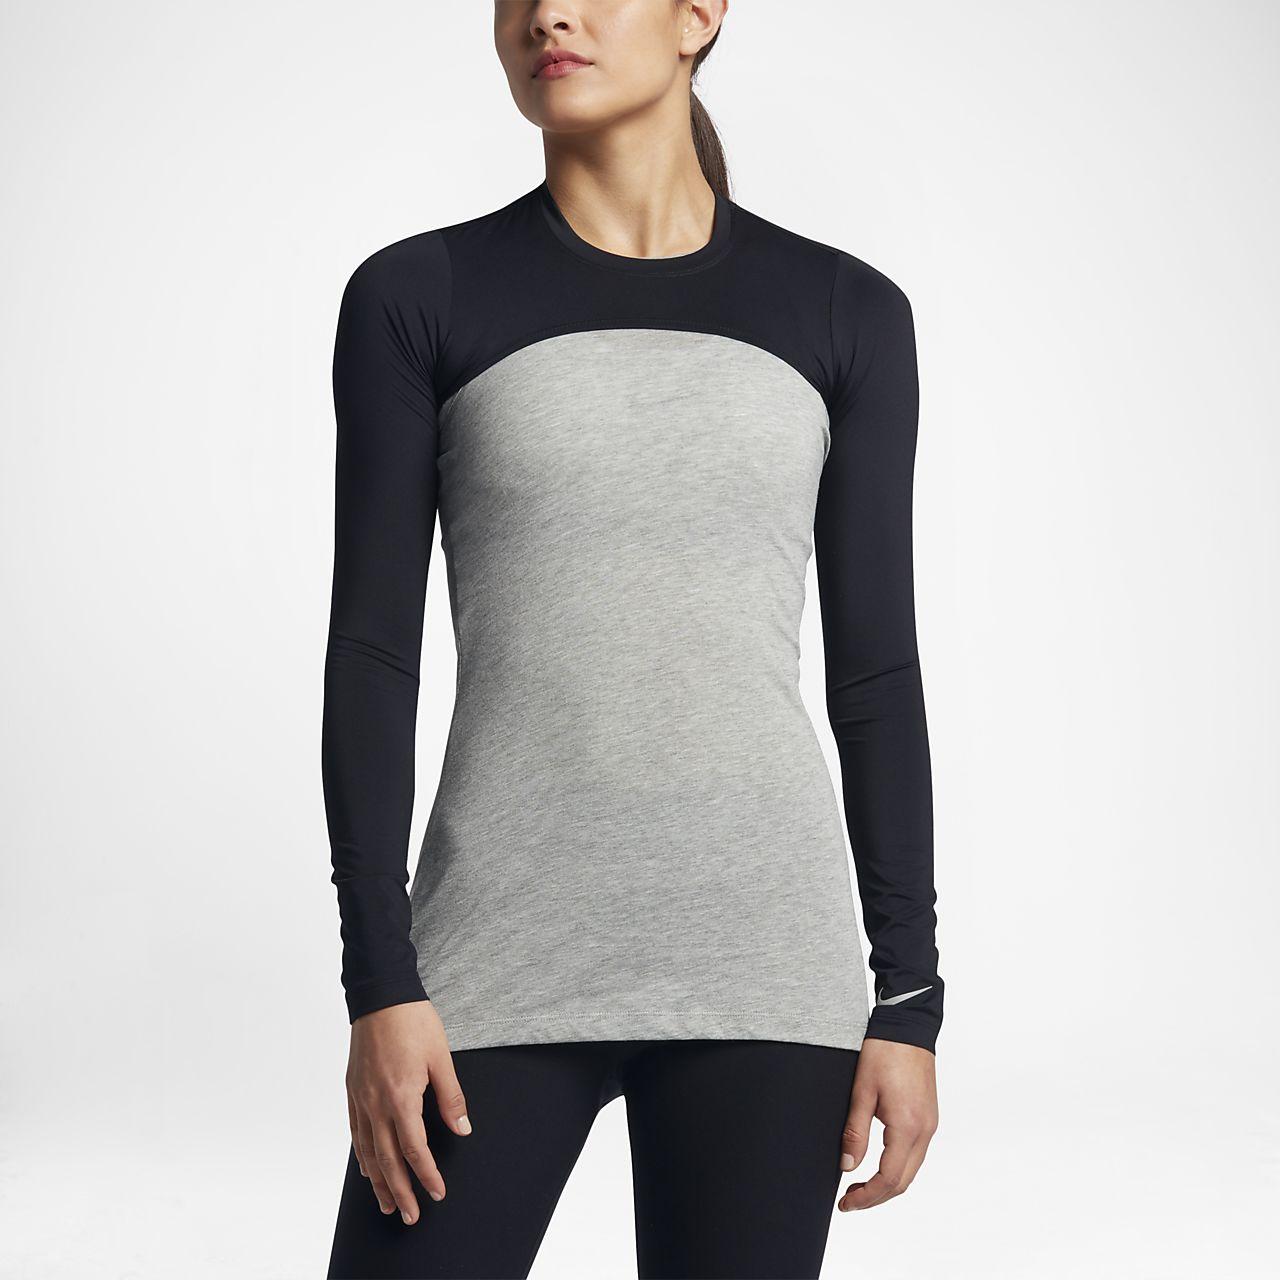 เสื้อกอล์ฟสตรี Nike Dry UV Cropped Baselayer